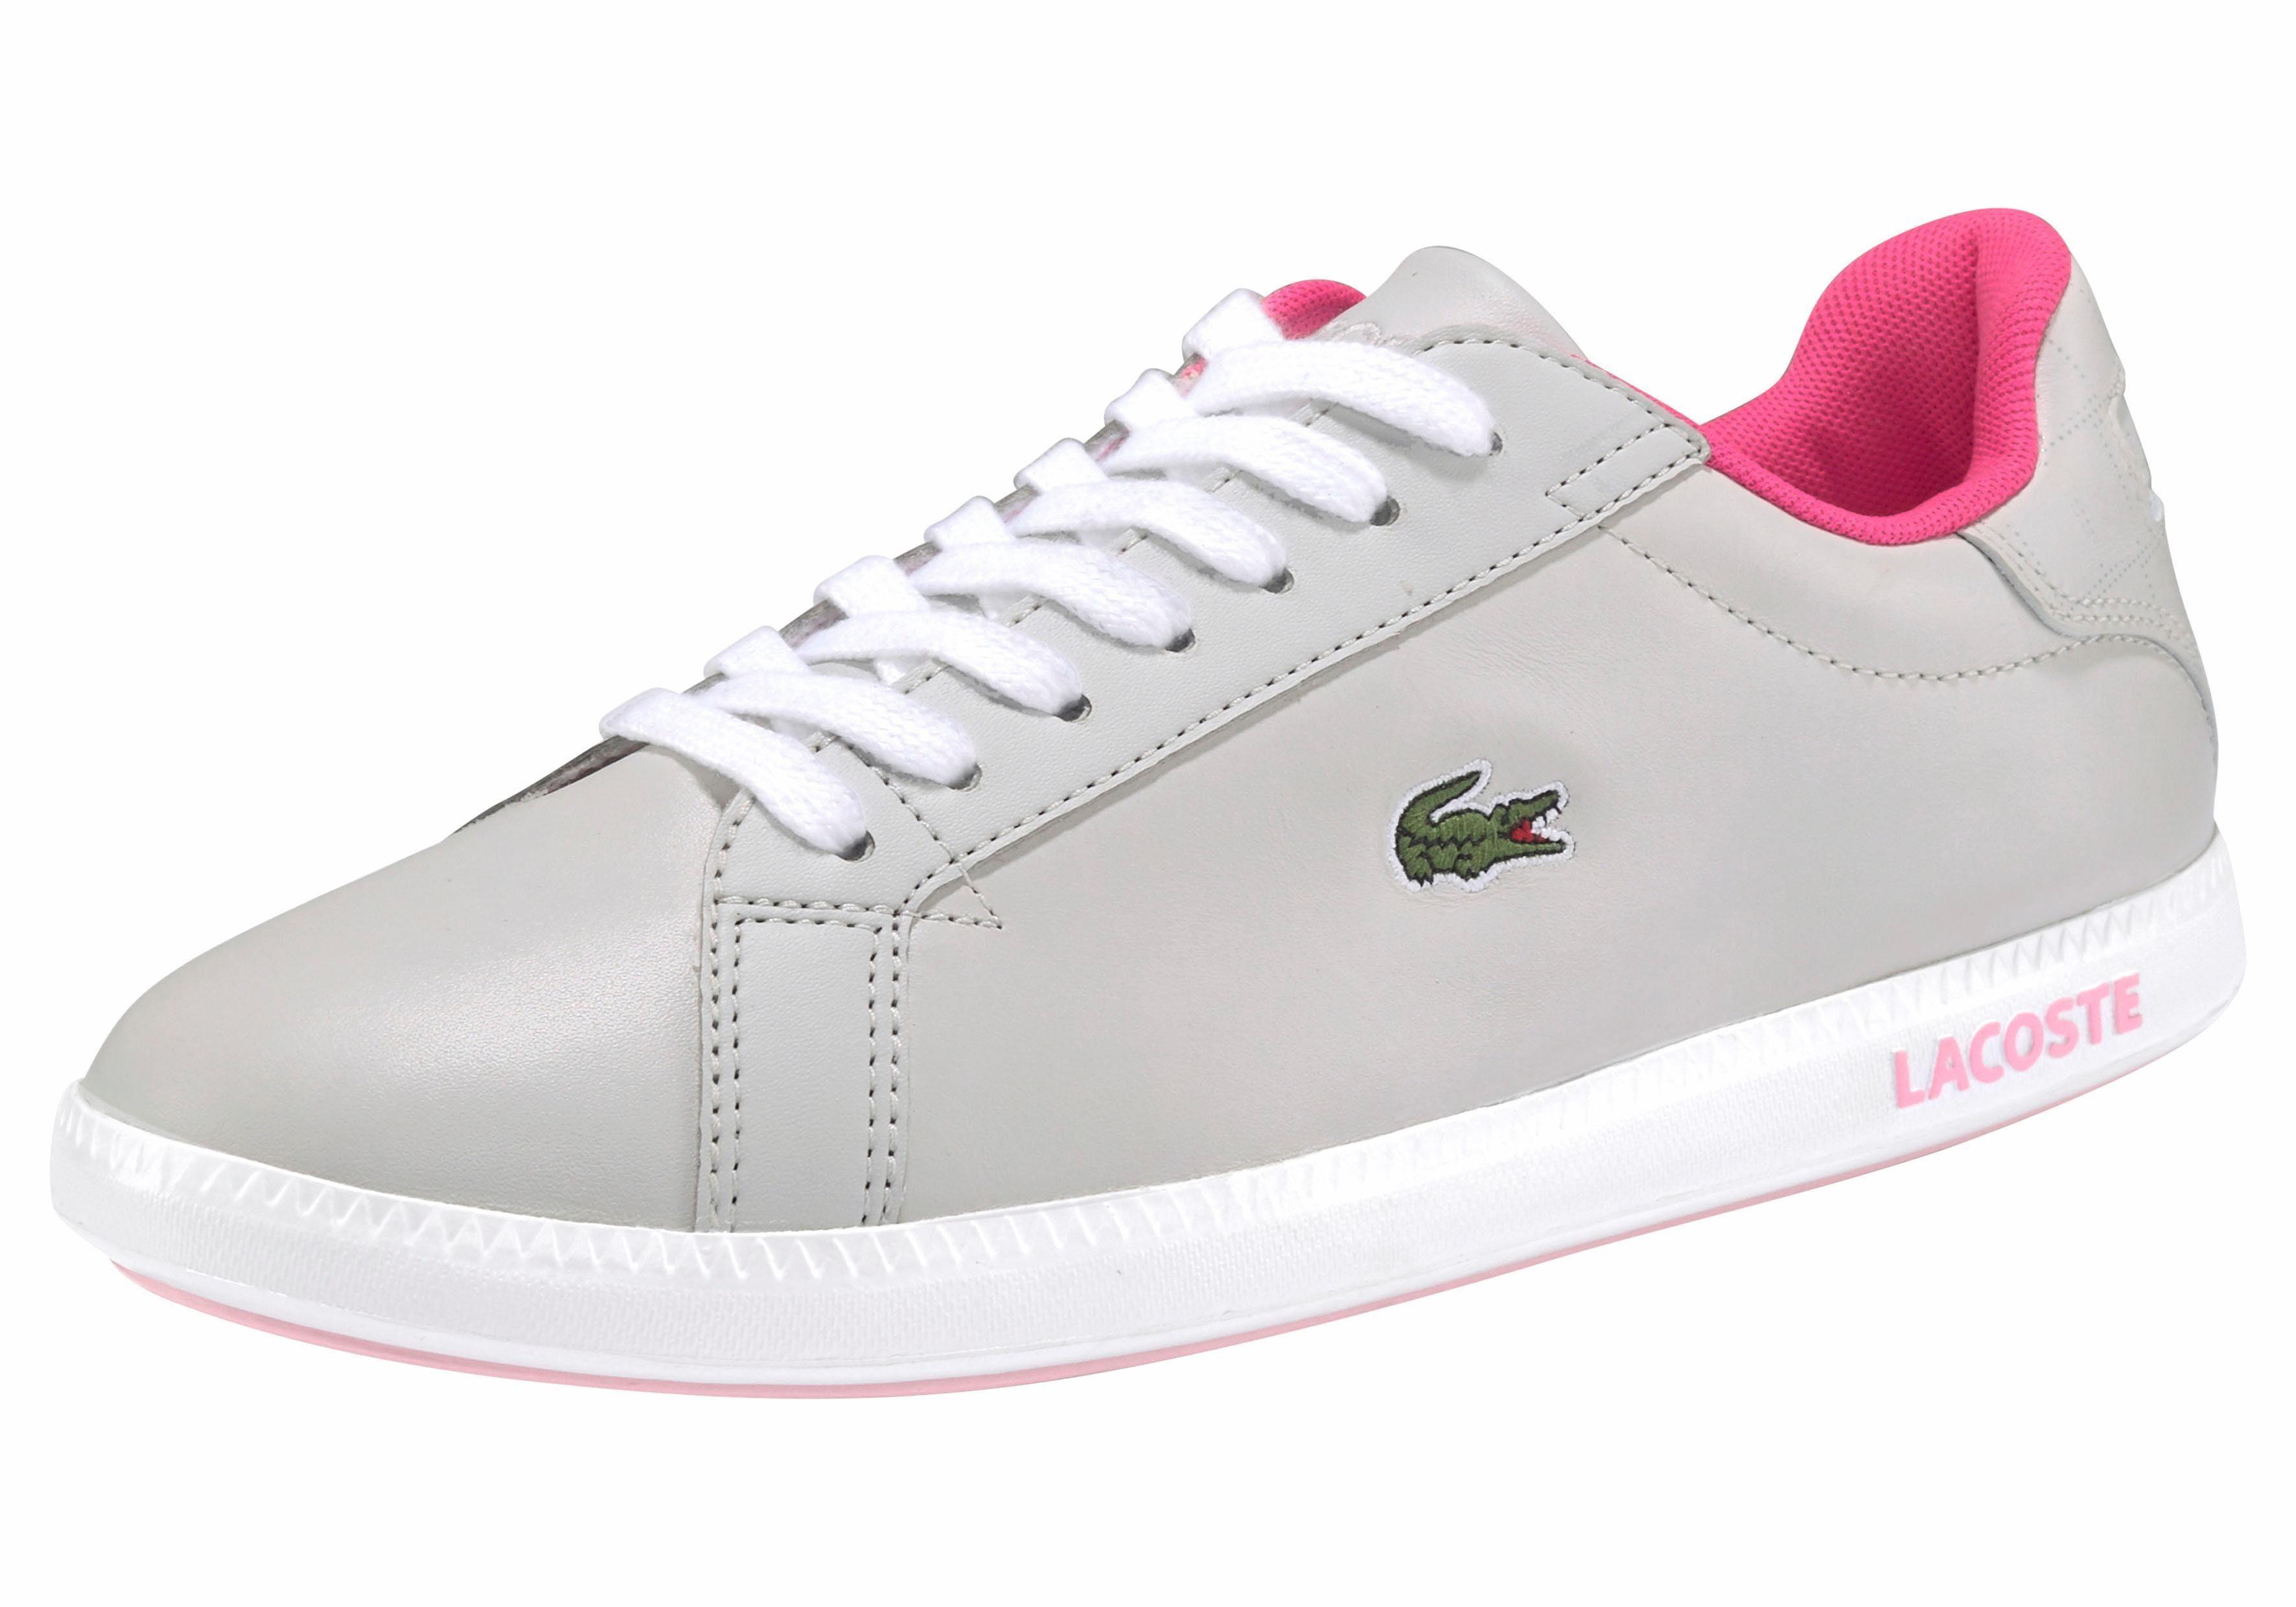 Lacoste Graduate 118 1 SPW Sneaker online kaufen  grau-neonpink